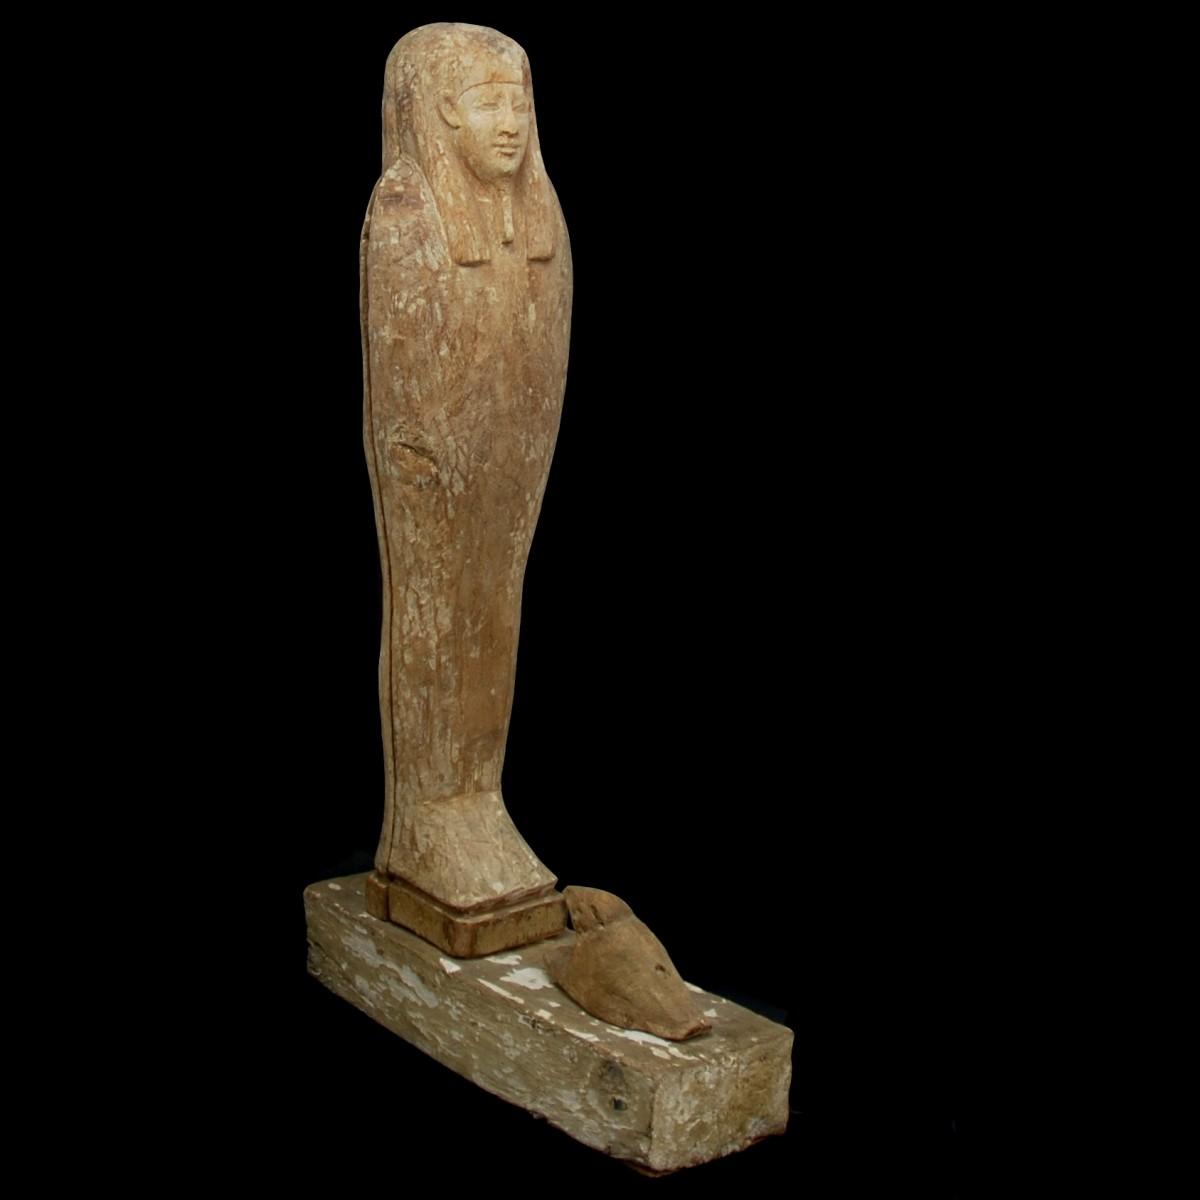 Ptah-Sokar-Osiris two parts